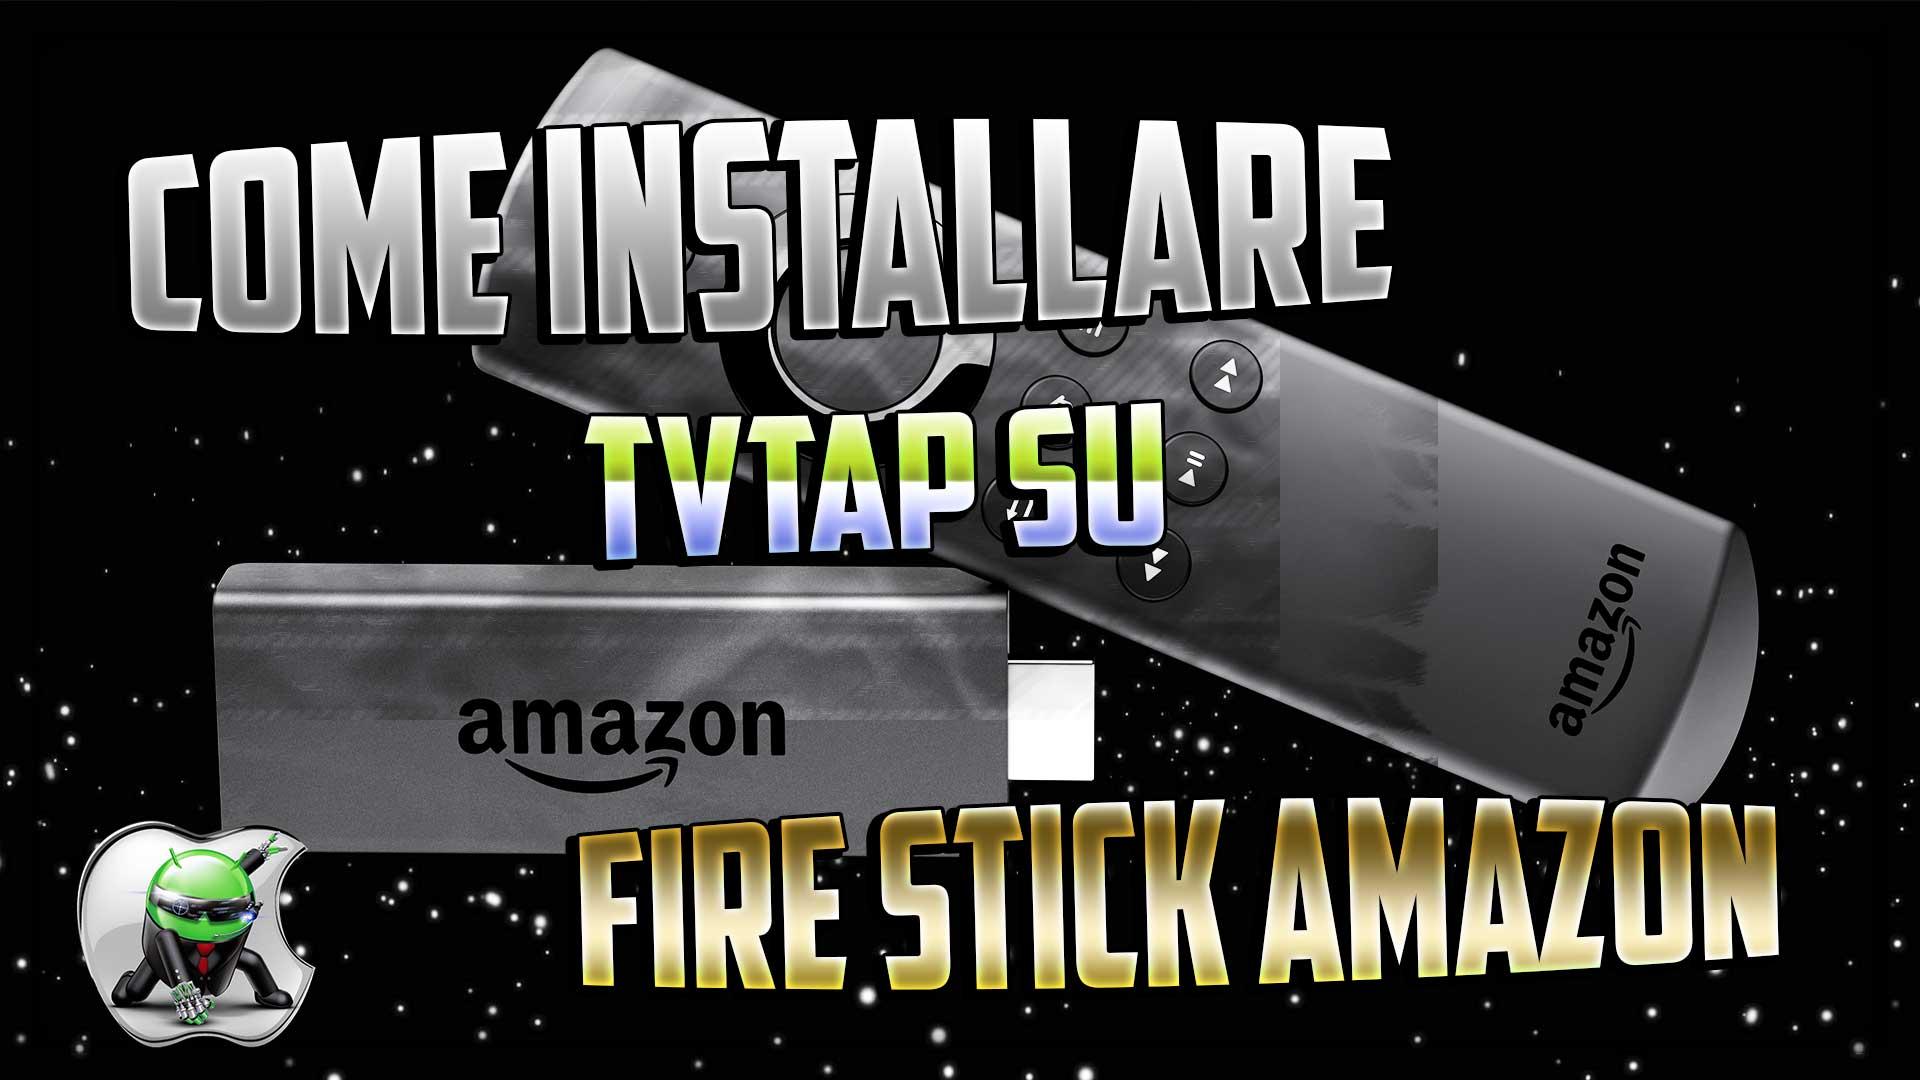 TVTAP su Fire Stick Amazon